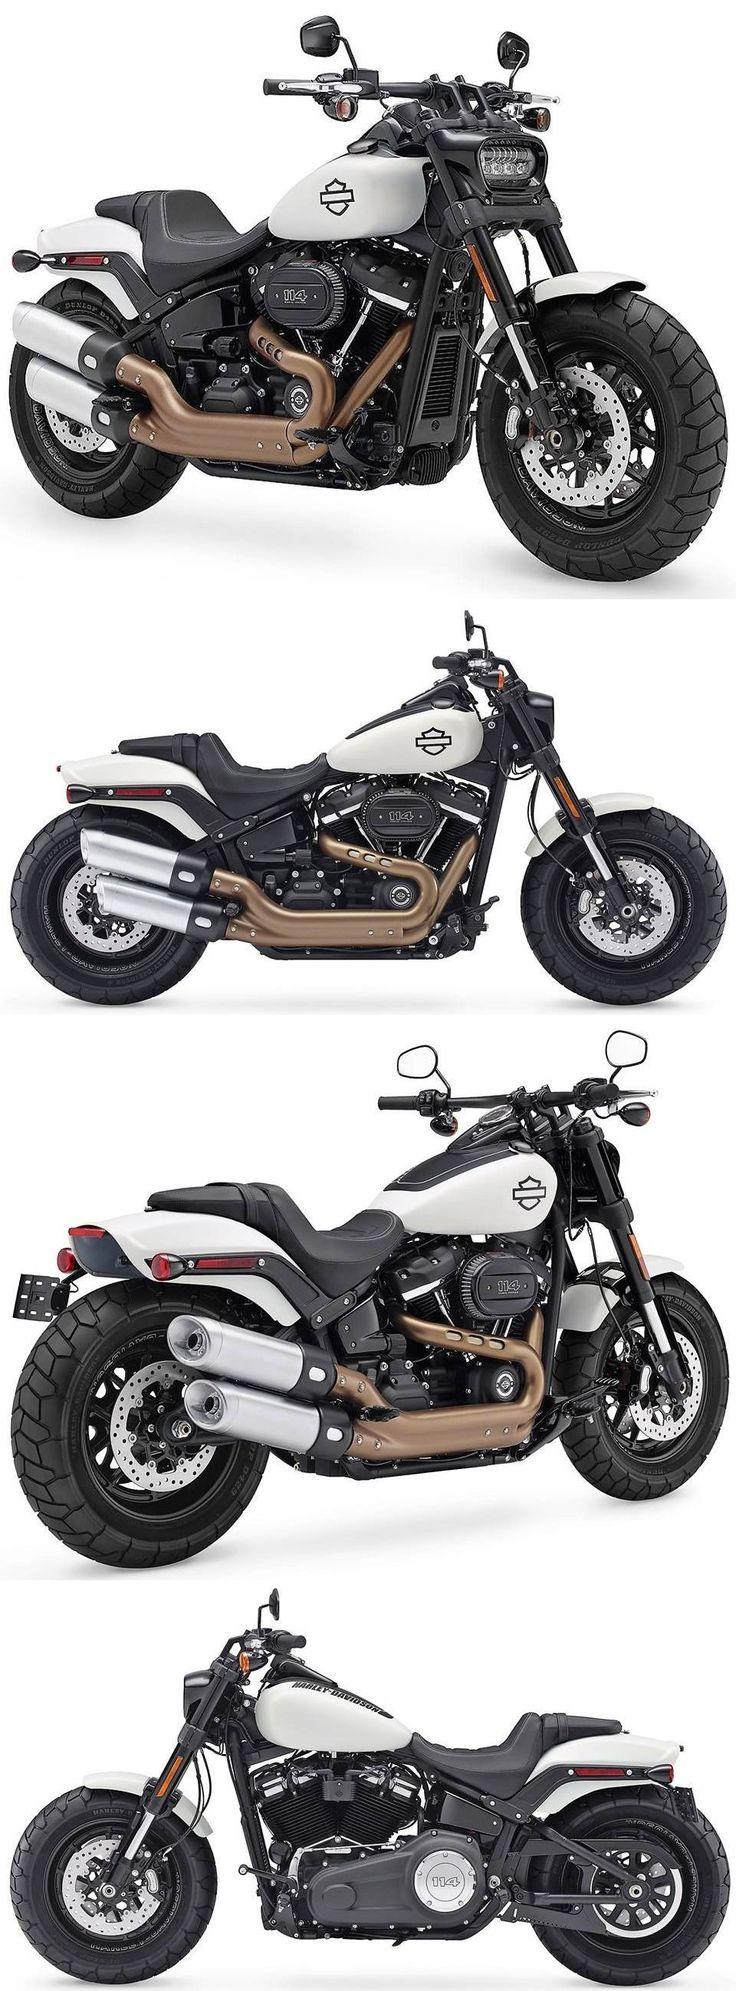 2018 Harley Davidson Fat Bob #harleydavidsonbikes #harleydavidsonsoftailcustom